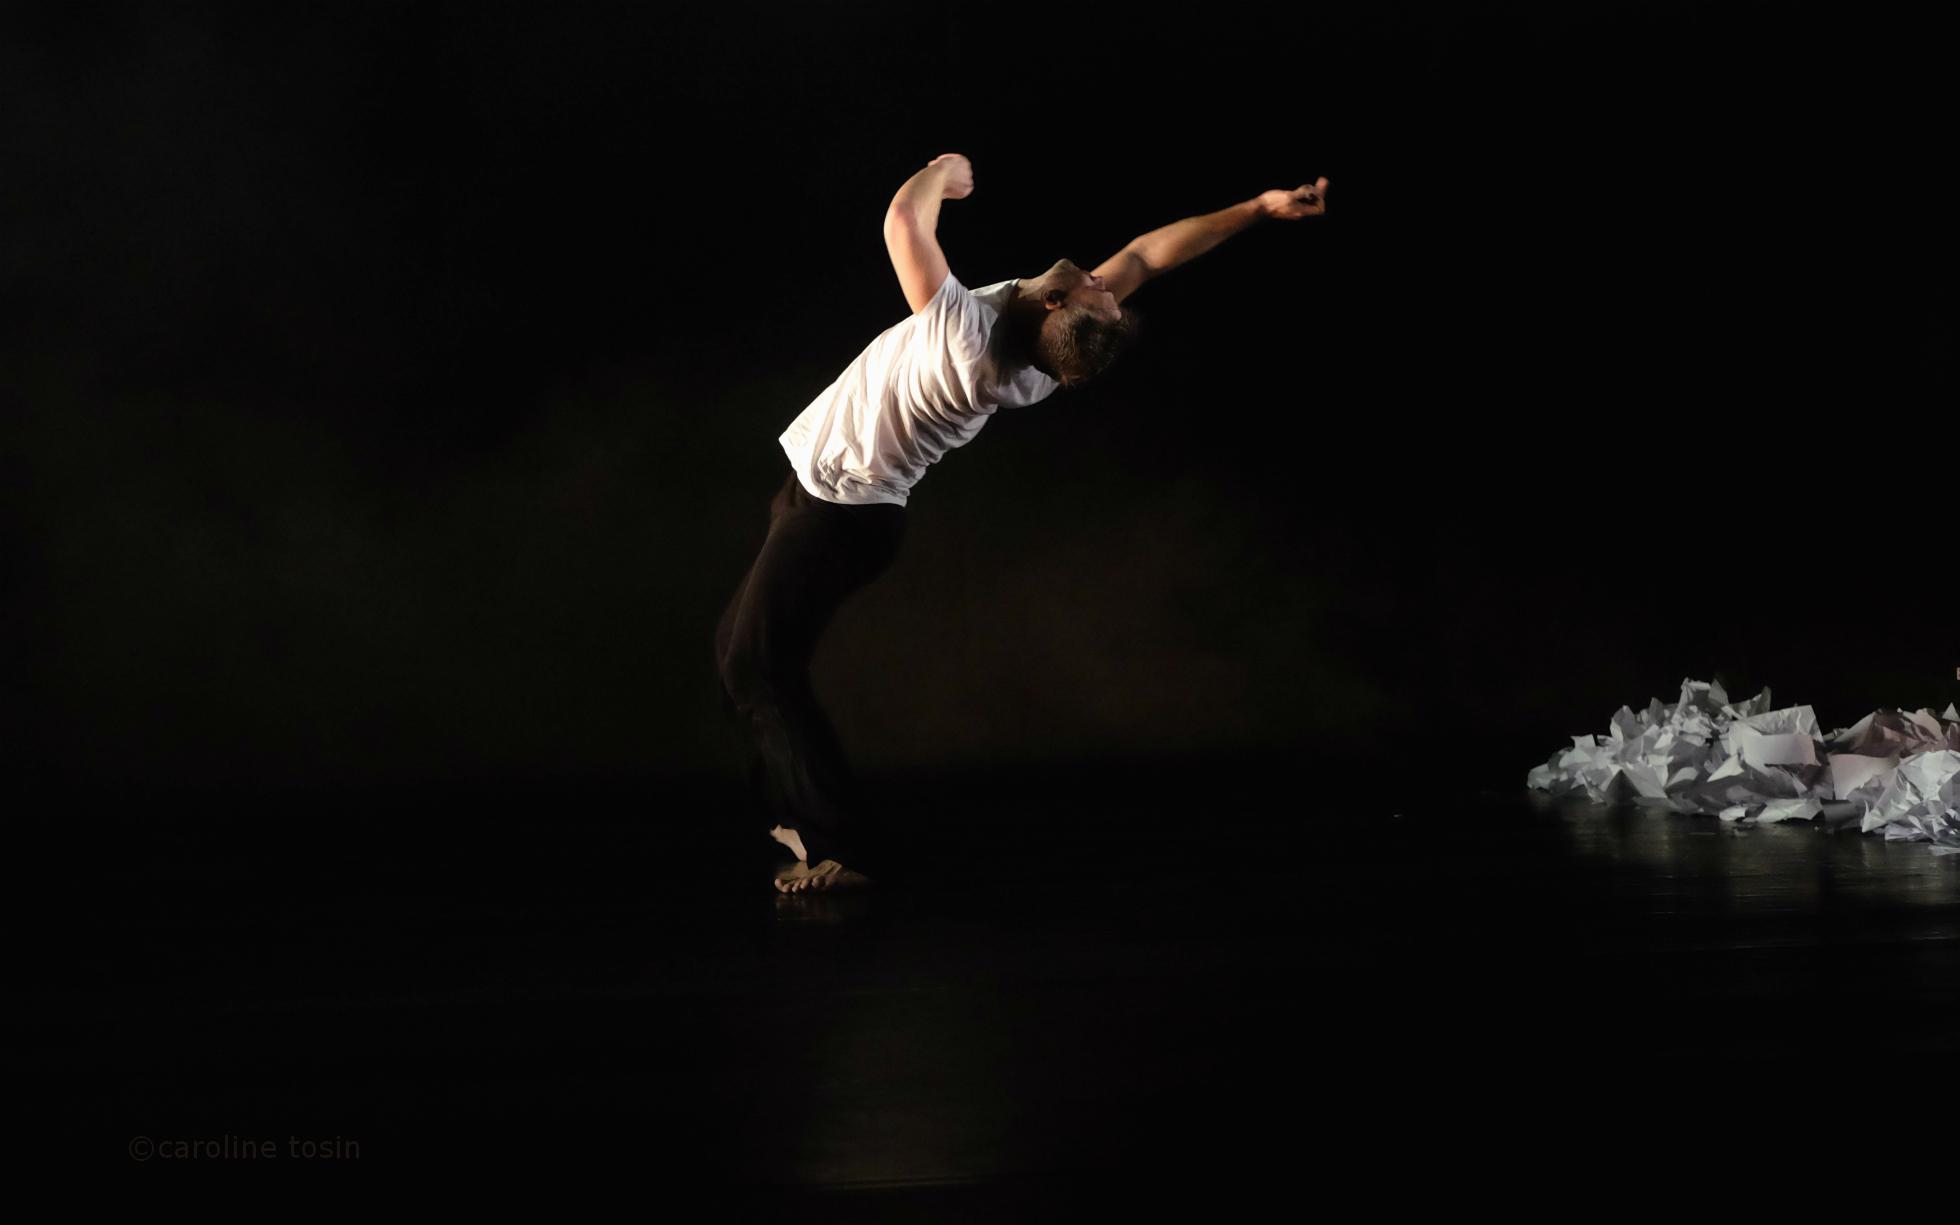 Image: Caroline Tosin. Dancer:Vince Virr.